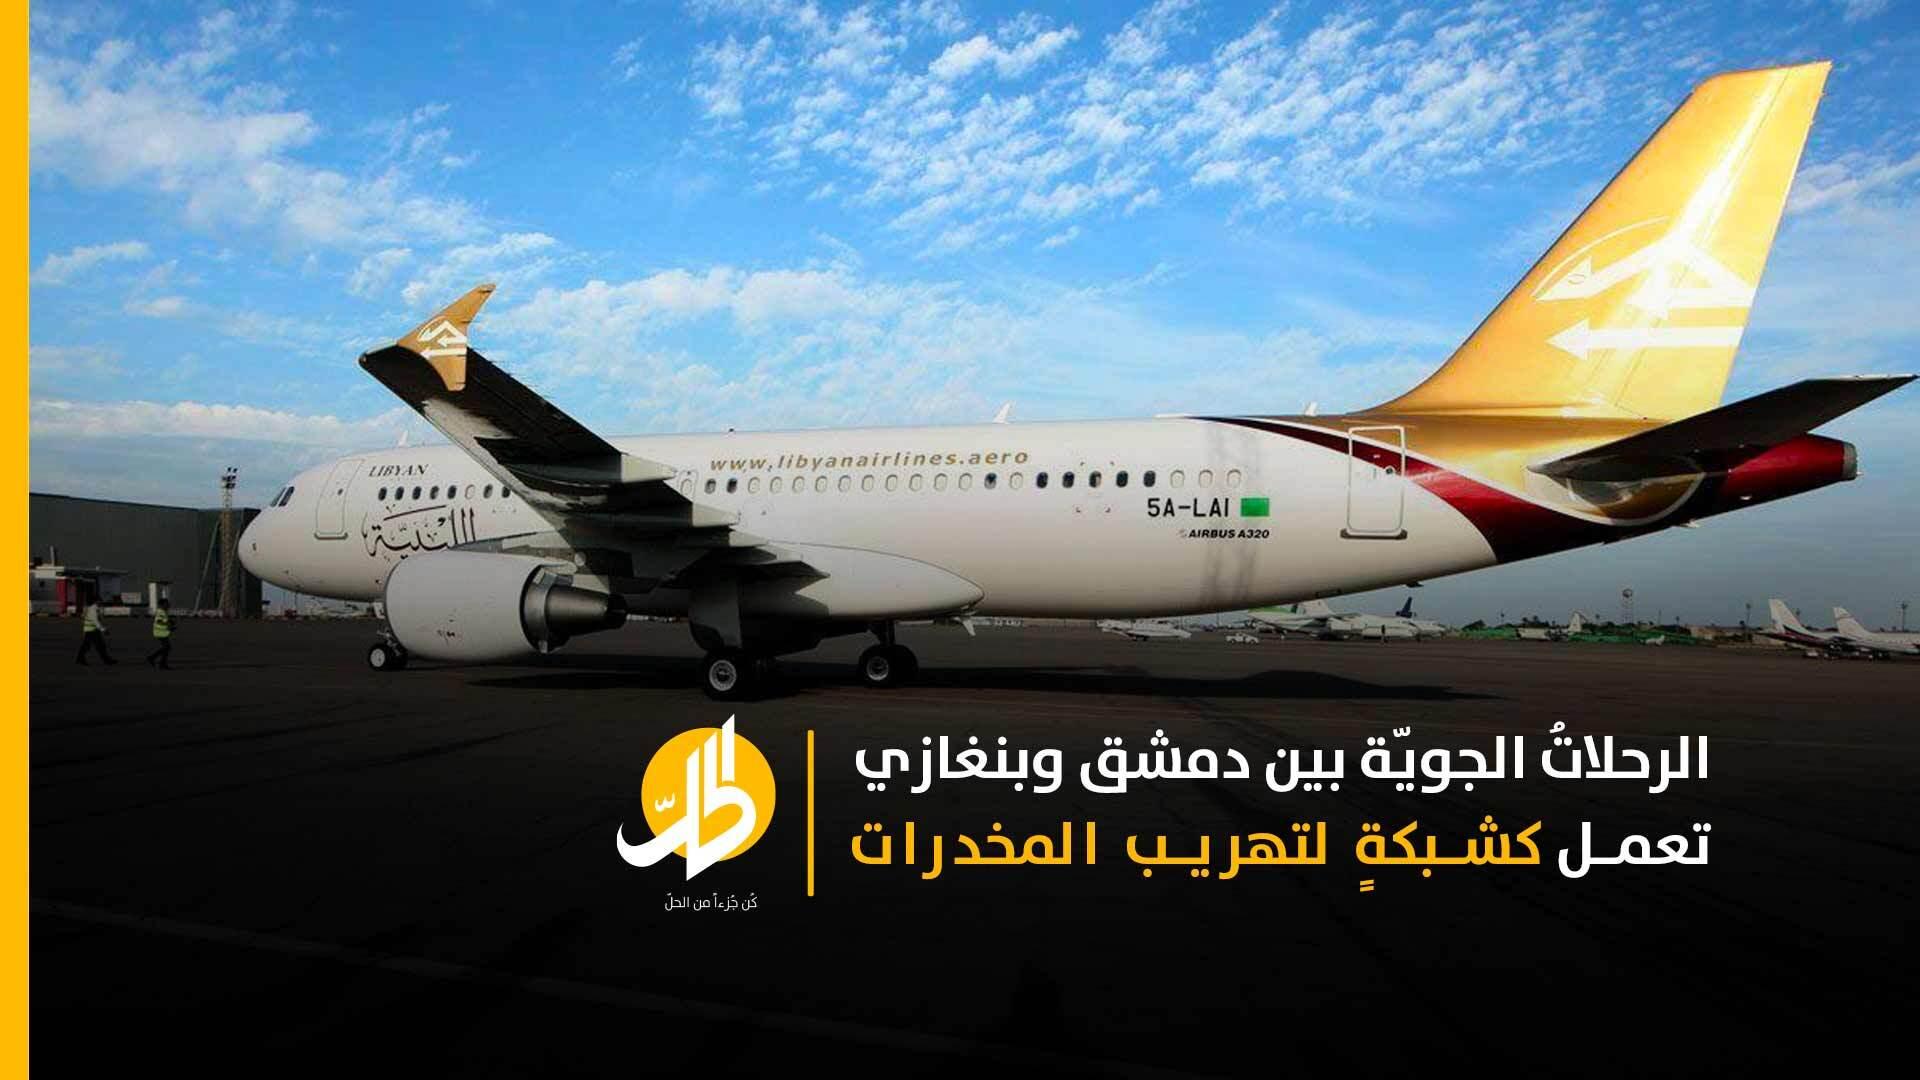 المرتزقة والمخدرات تغزو ليبيا من بوابة سوريا.. ما علاقة ماهر الأسد؟